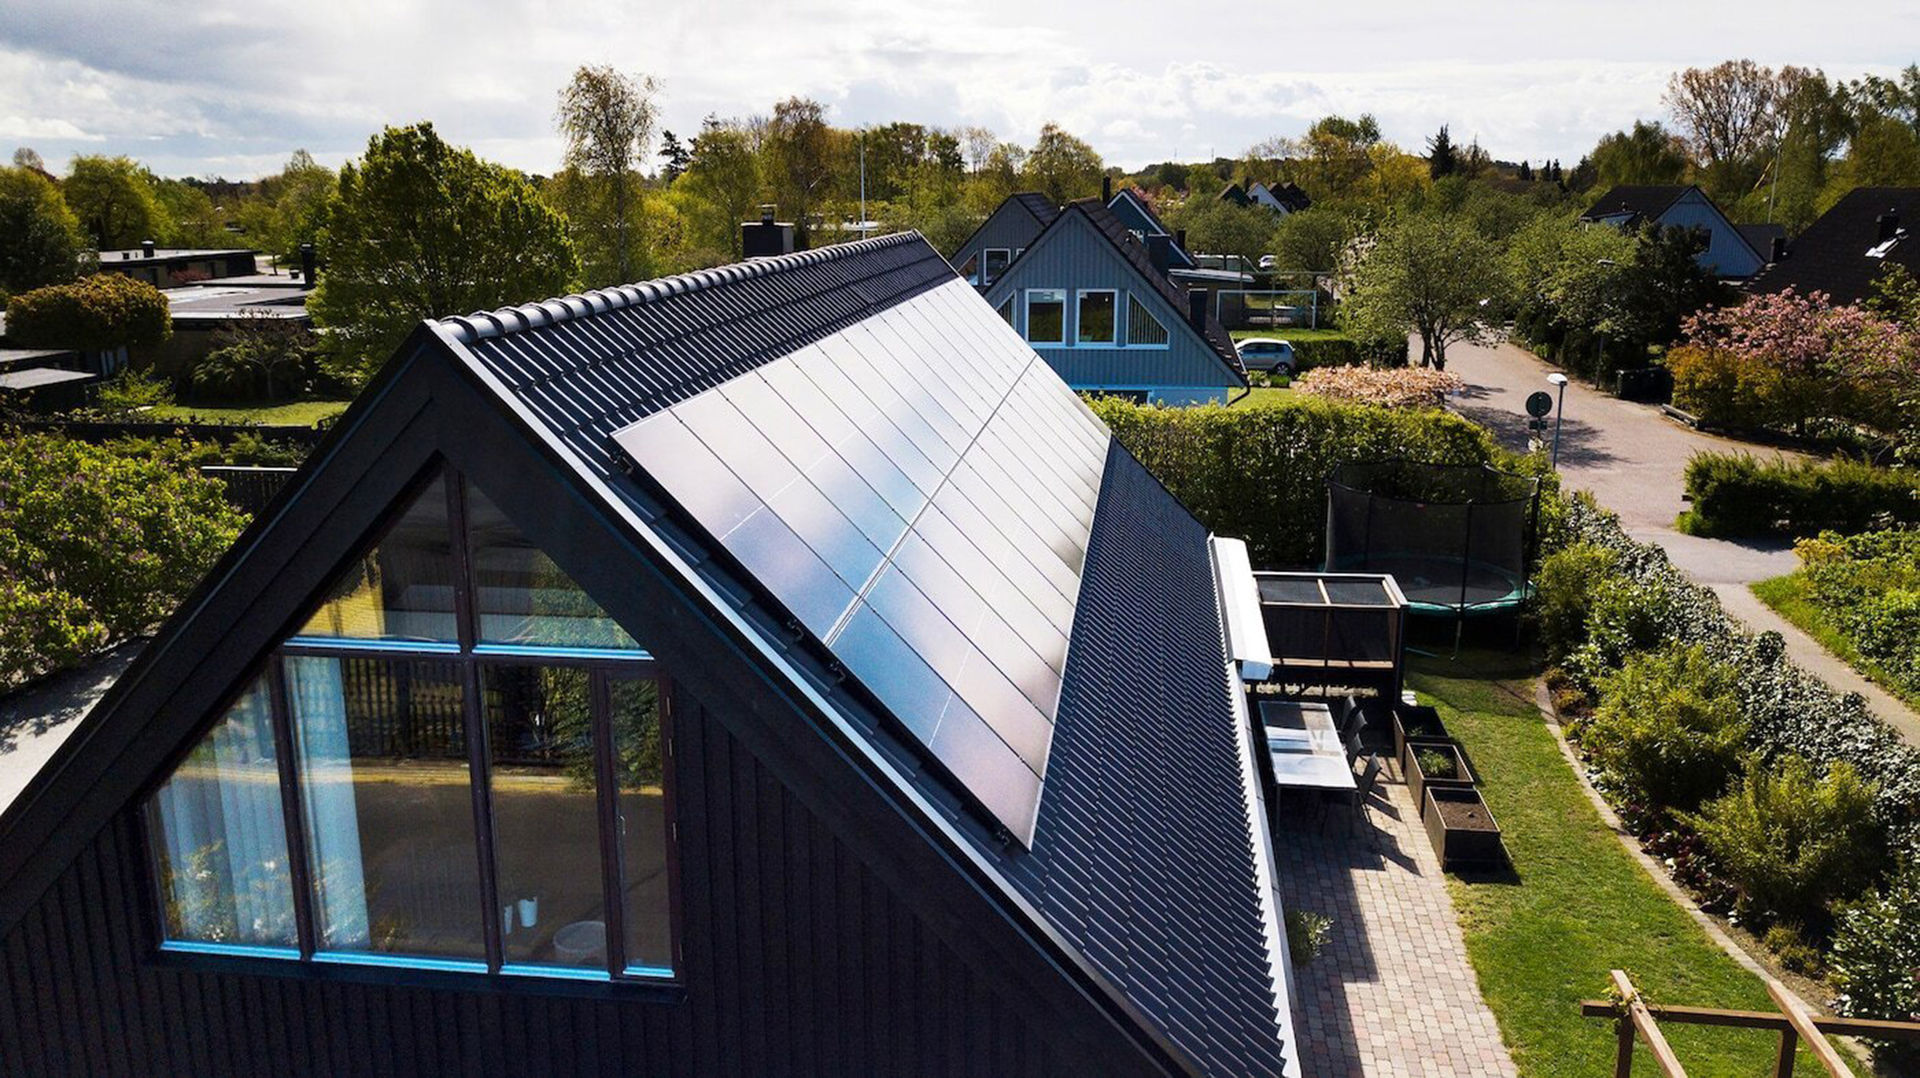 Ikea börjar sälja solcellspaneler även i Sverige